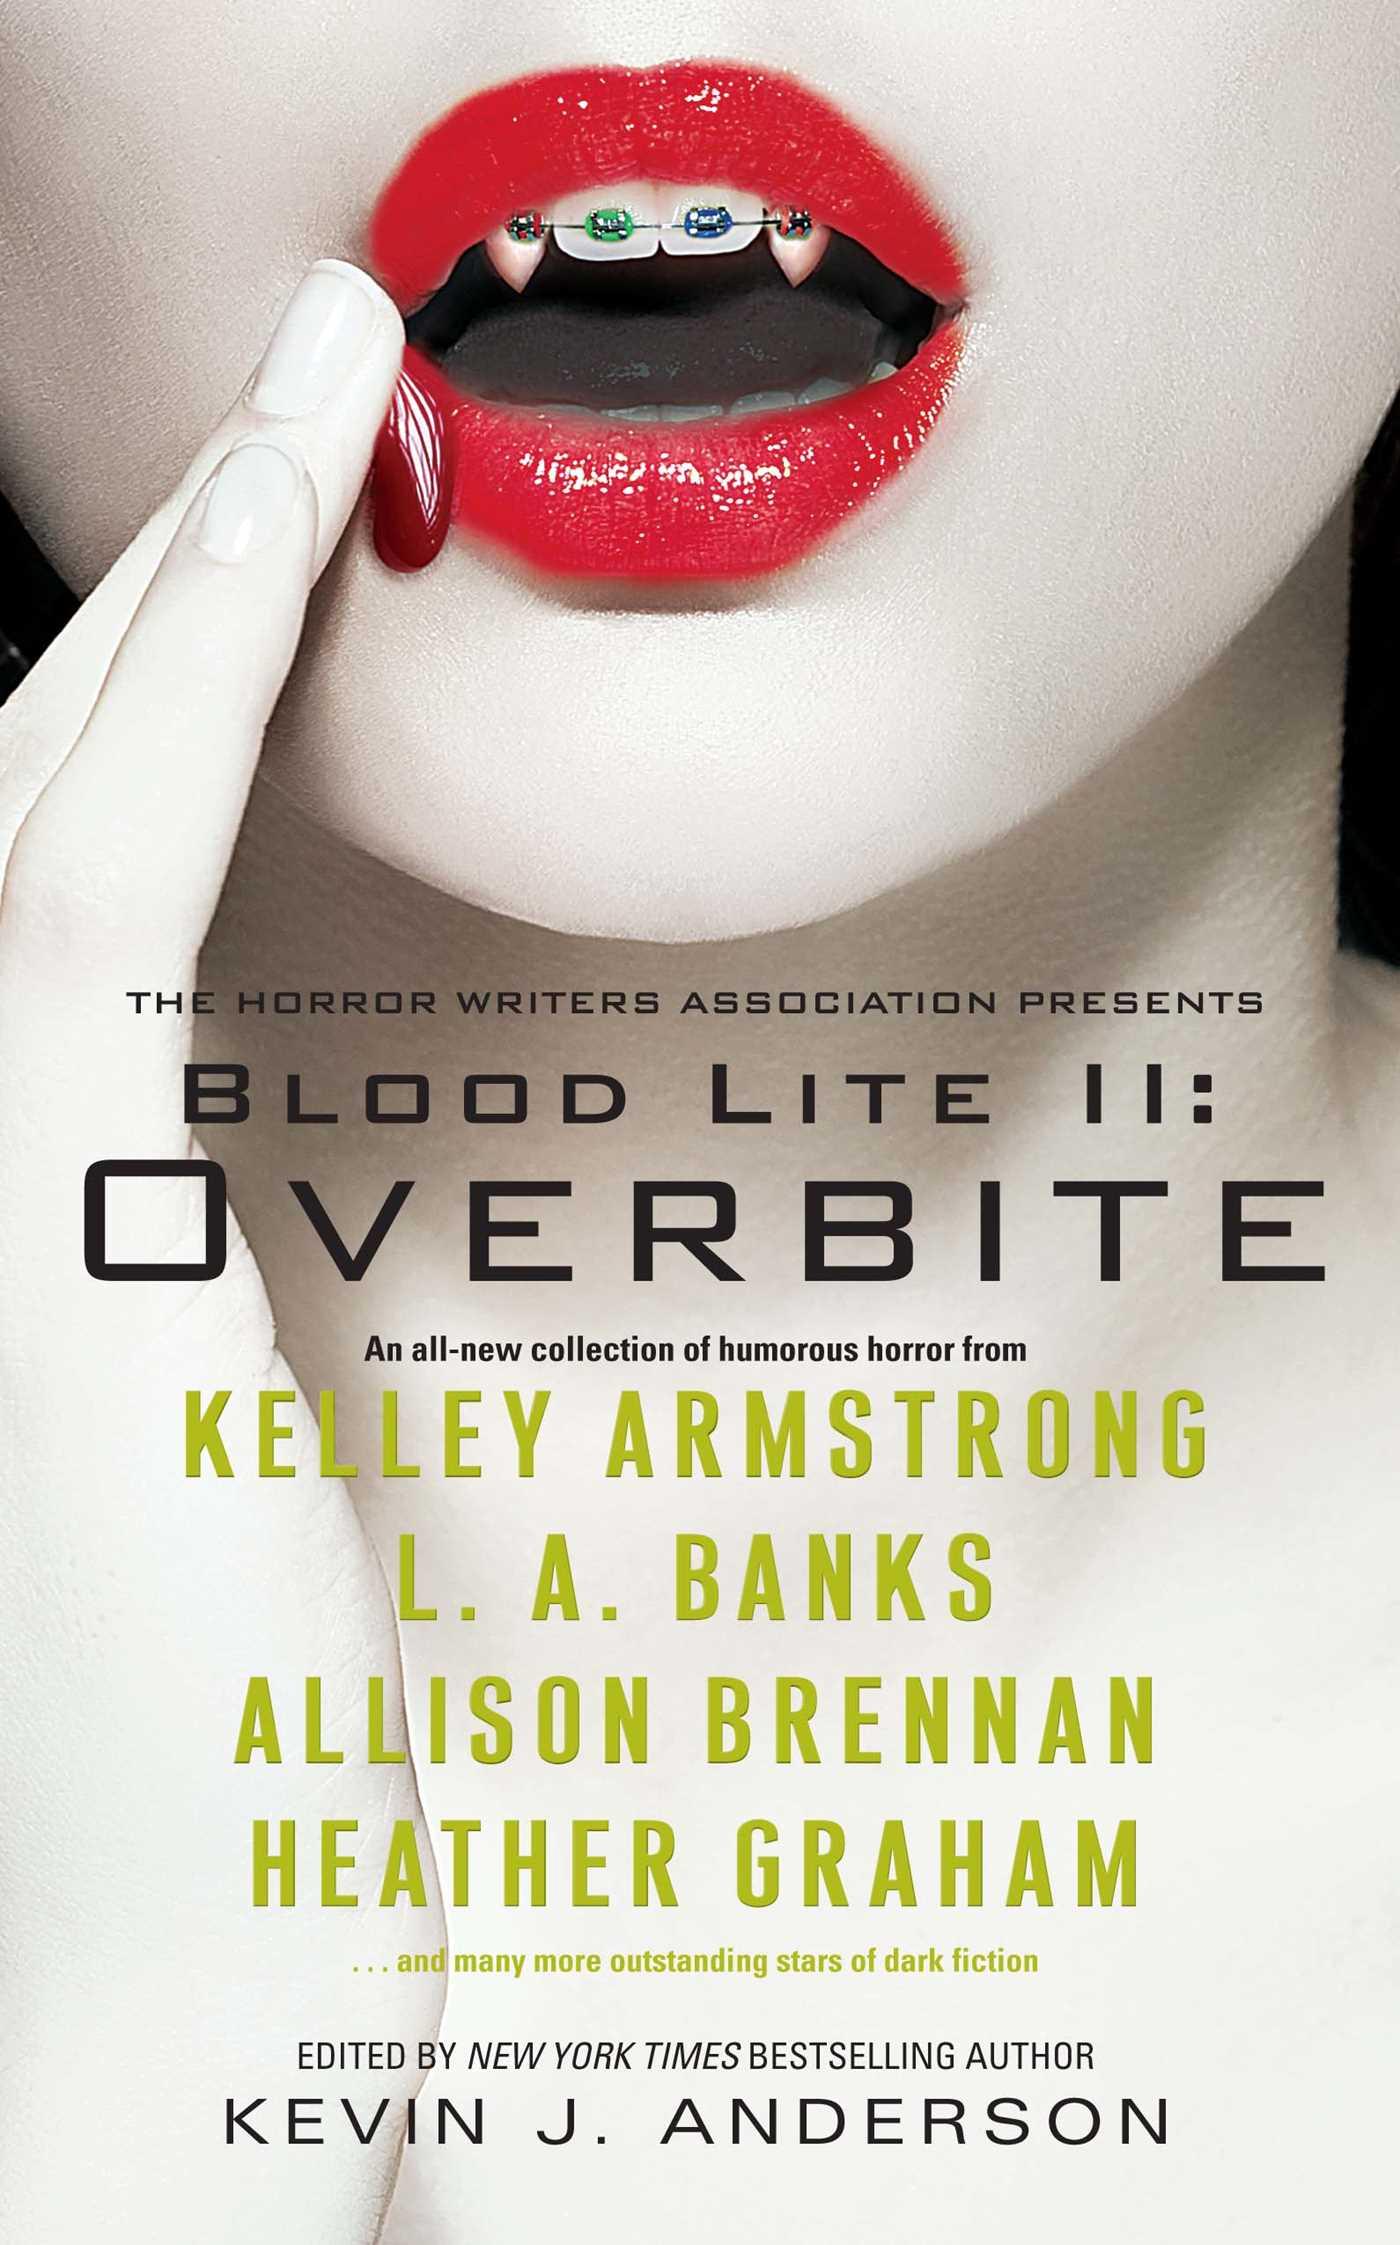 Blood lite ii overbite 9781439187708 hr